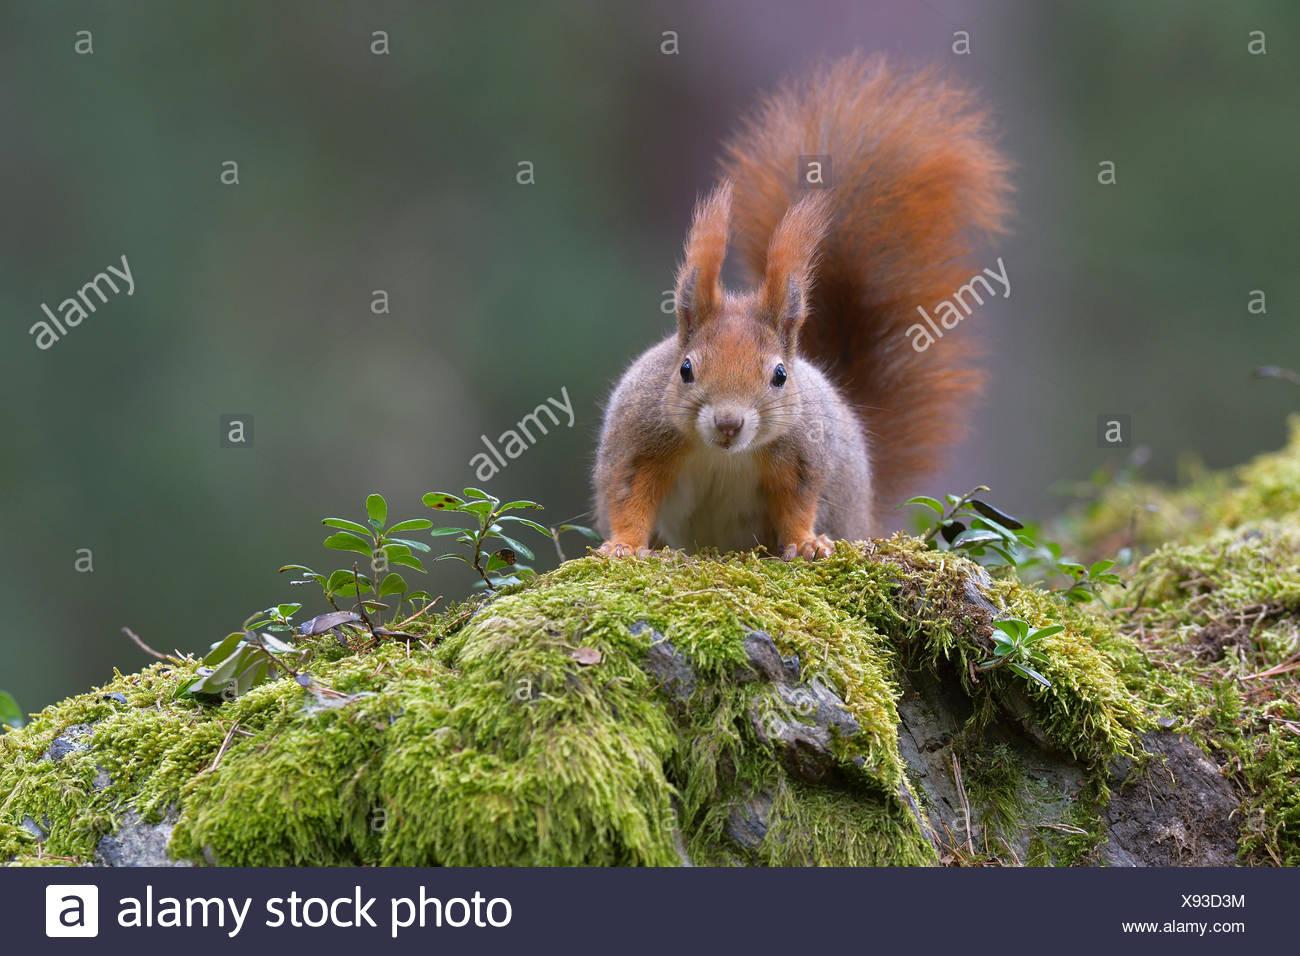 Squirrel (Sciurus vulgaris), portrait, Tyrol, Austria - Stock Image